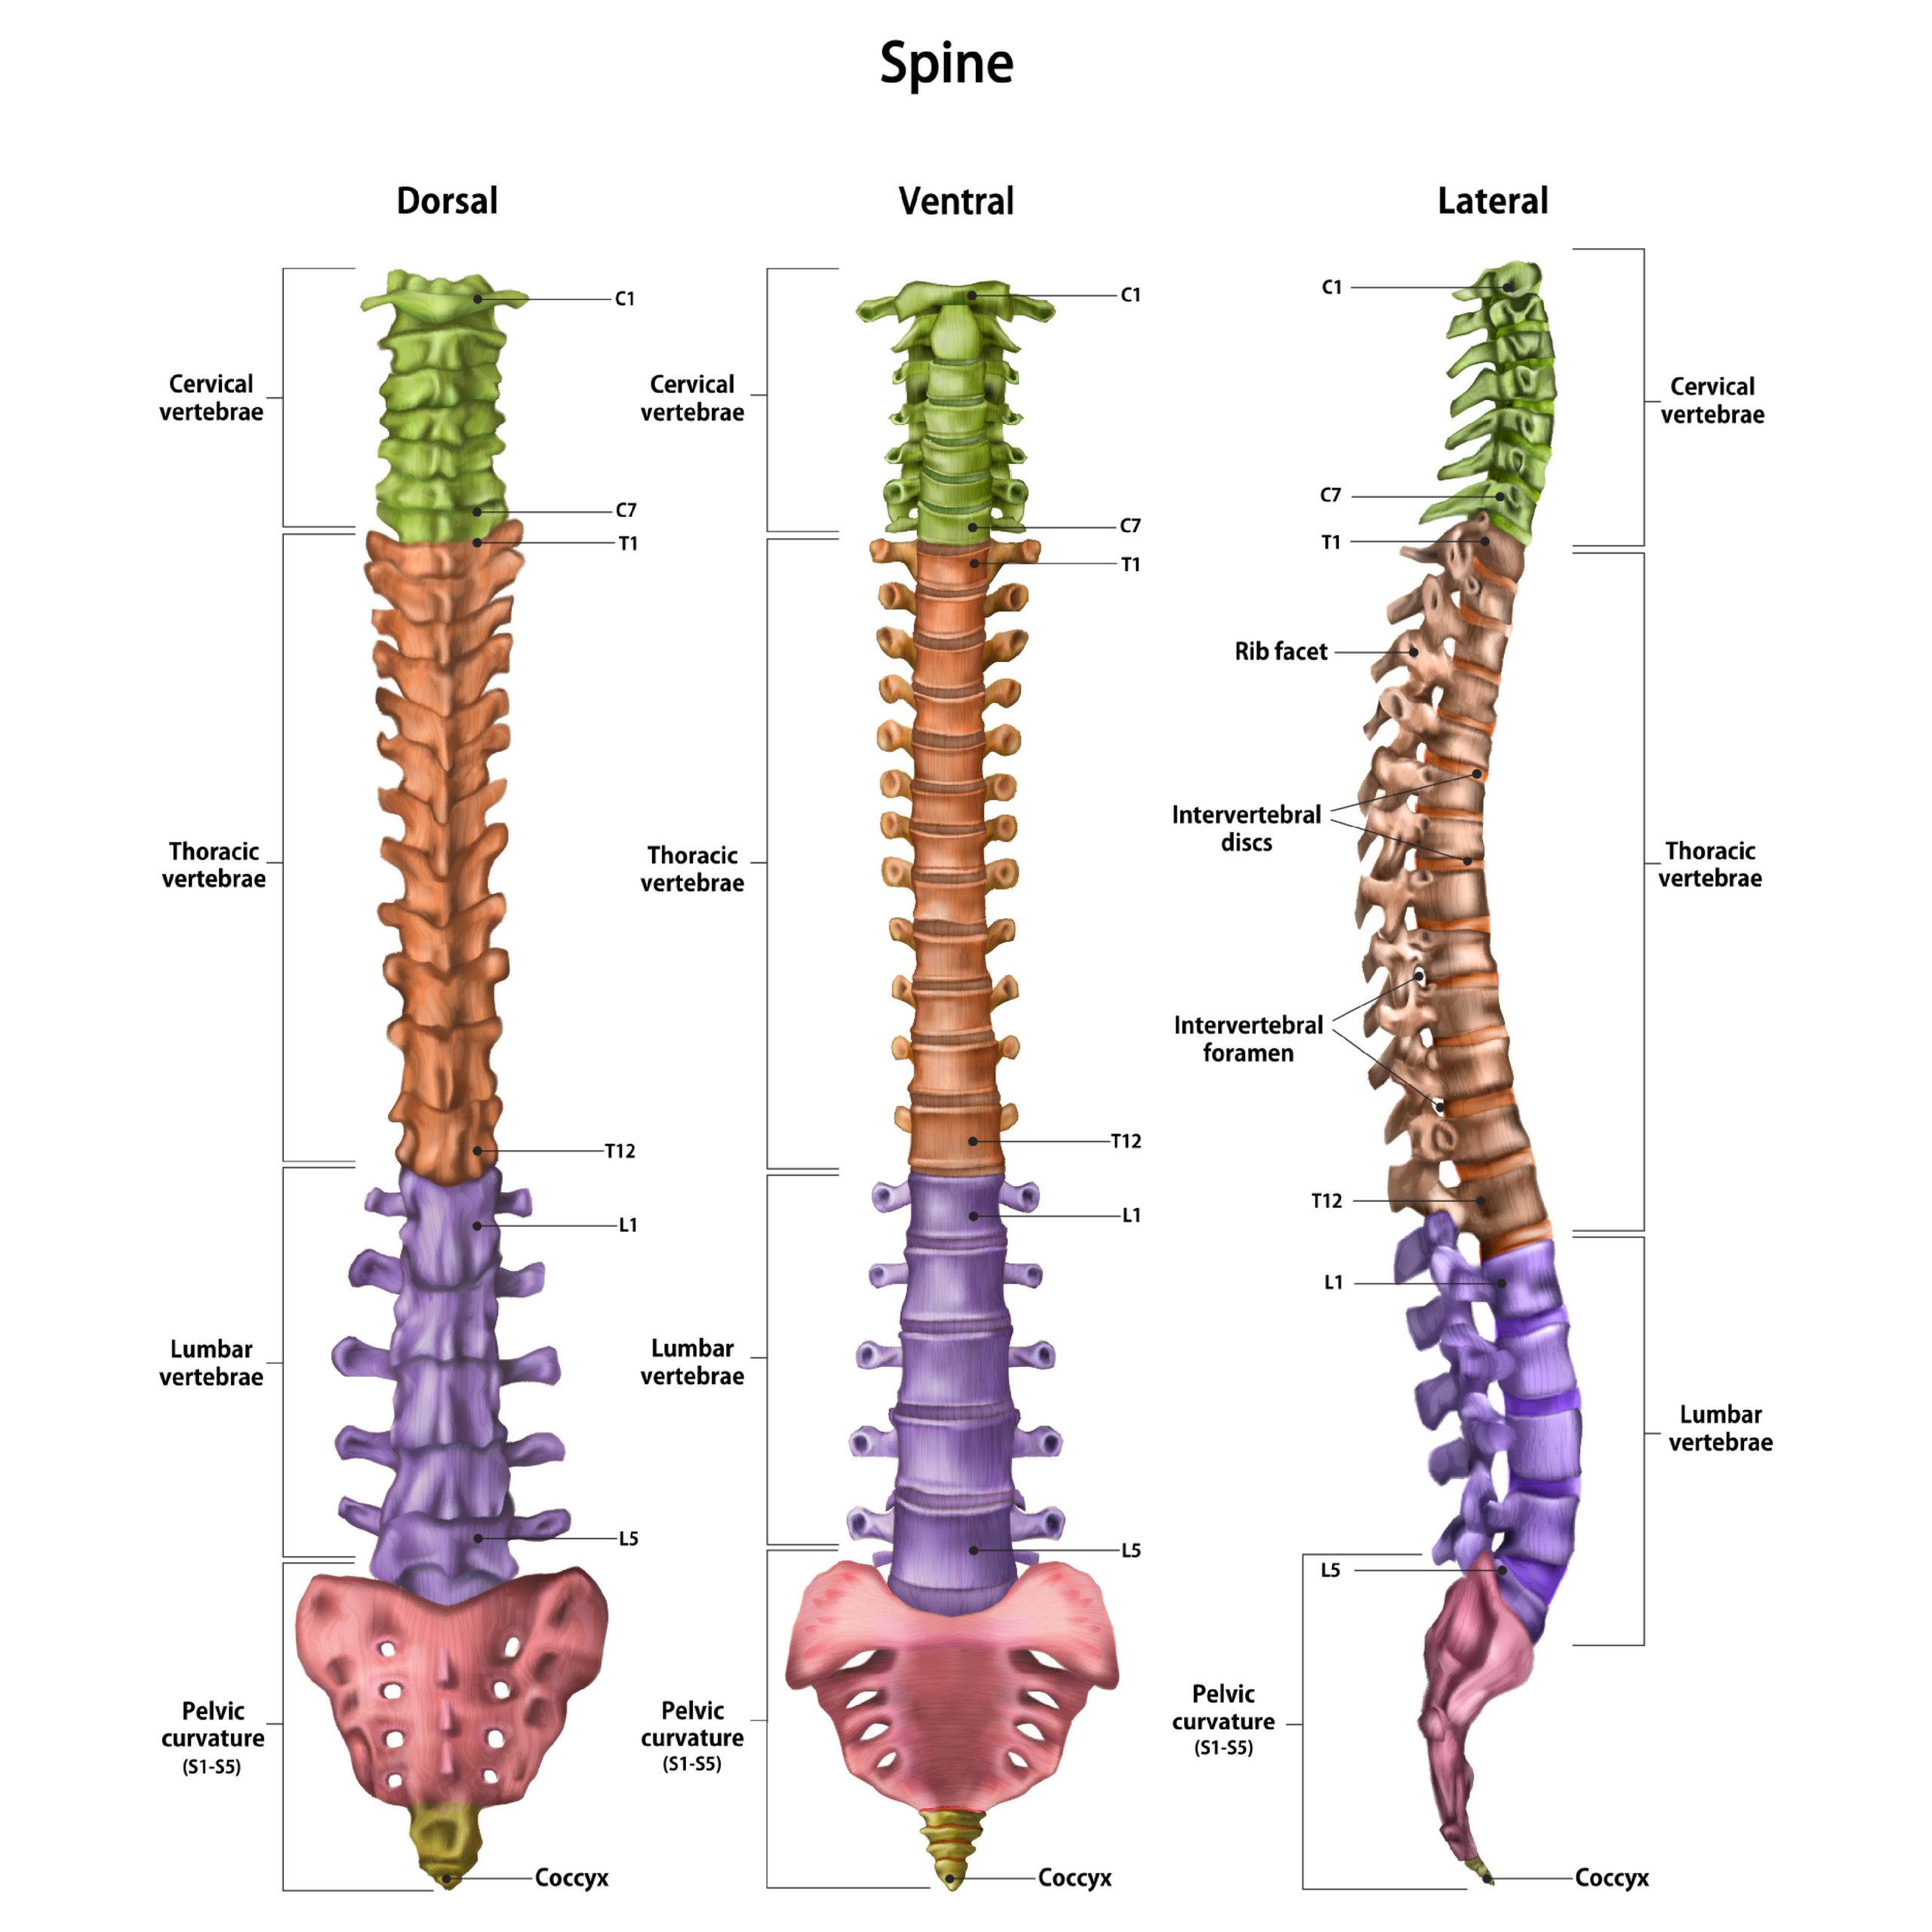 Zdrava hrbtenica vretenca L5-S1, vratna, ledvena hrbtenica vaje, bolečine